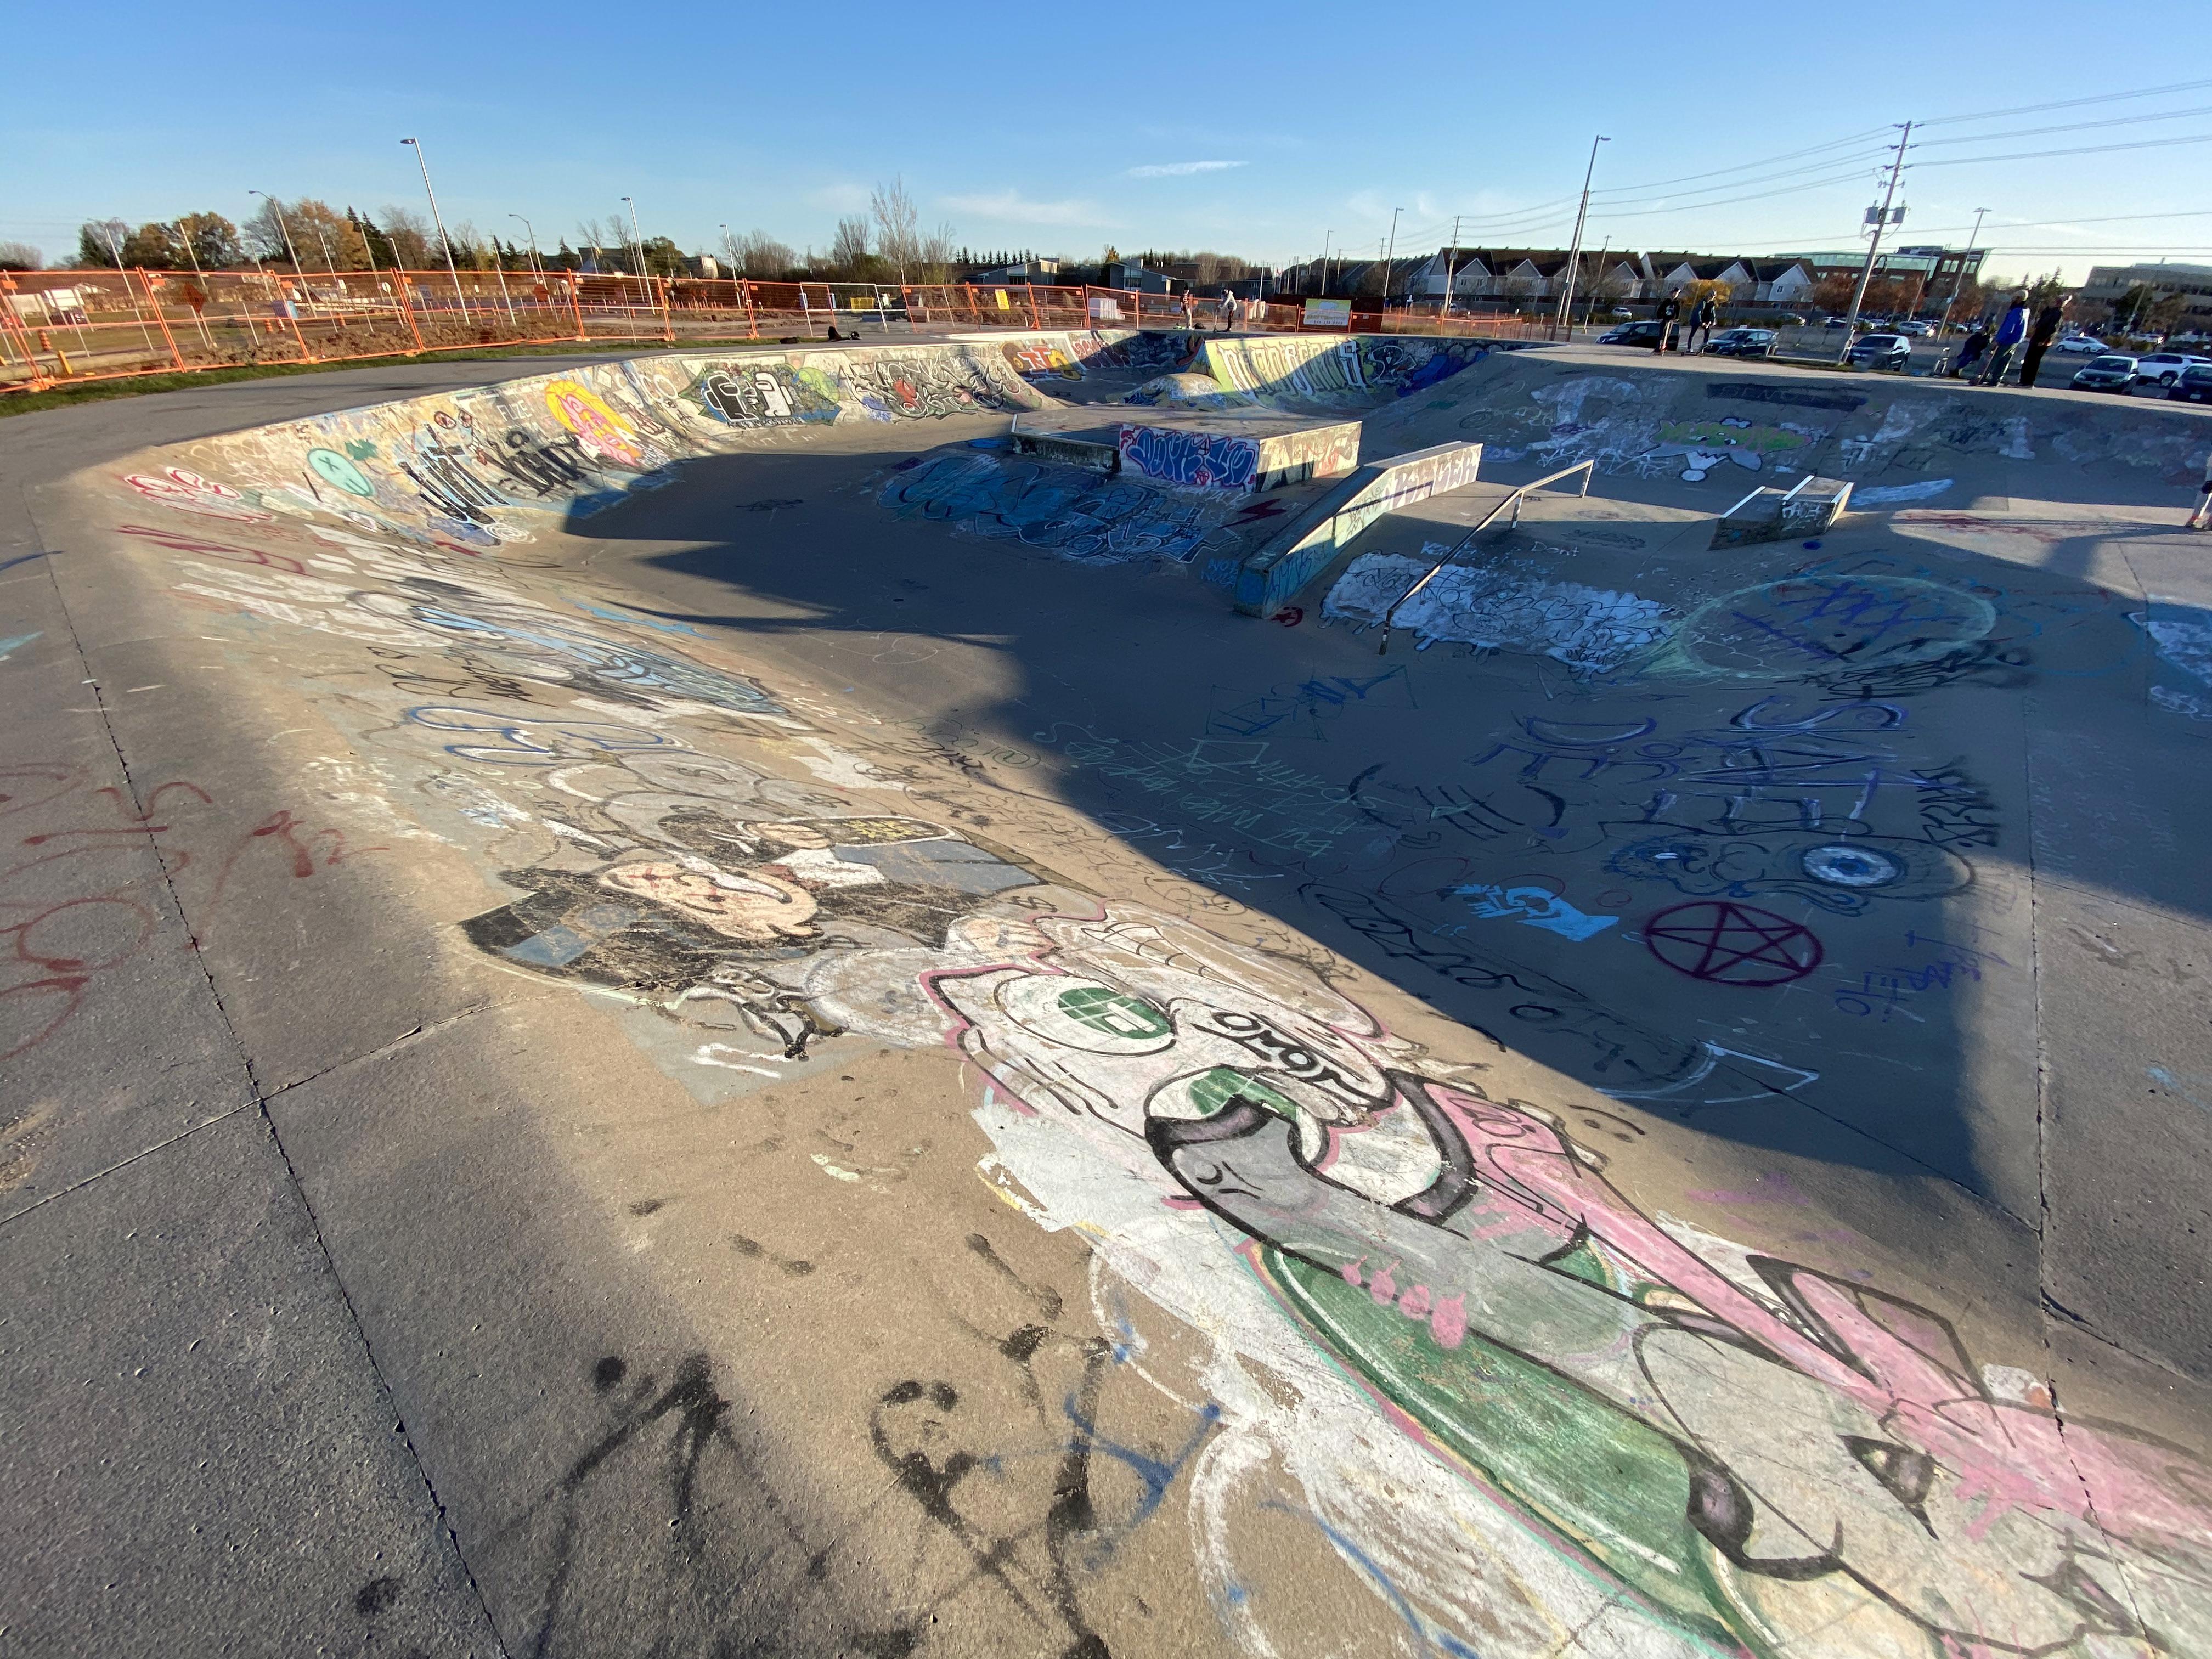 Ottawa legacy skatepark